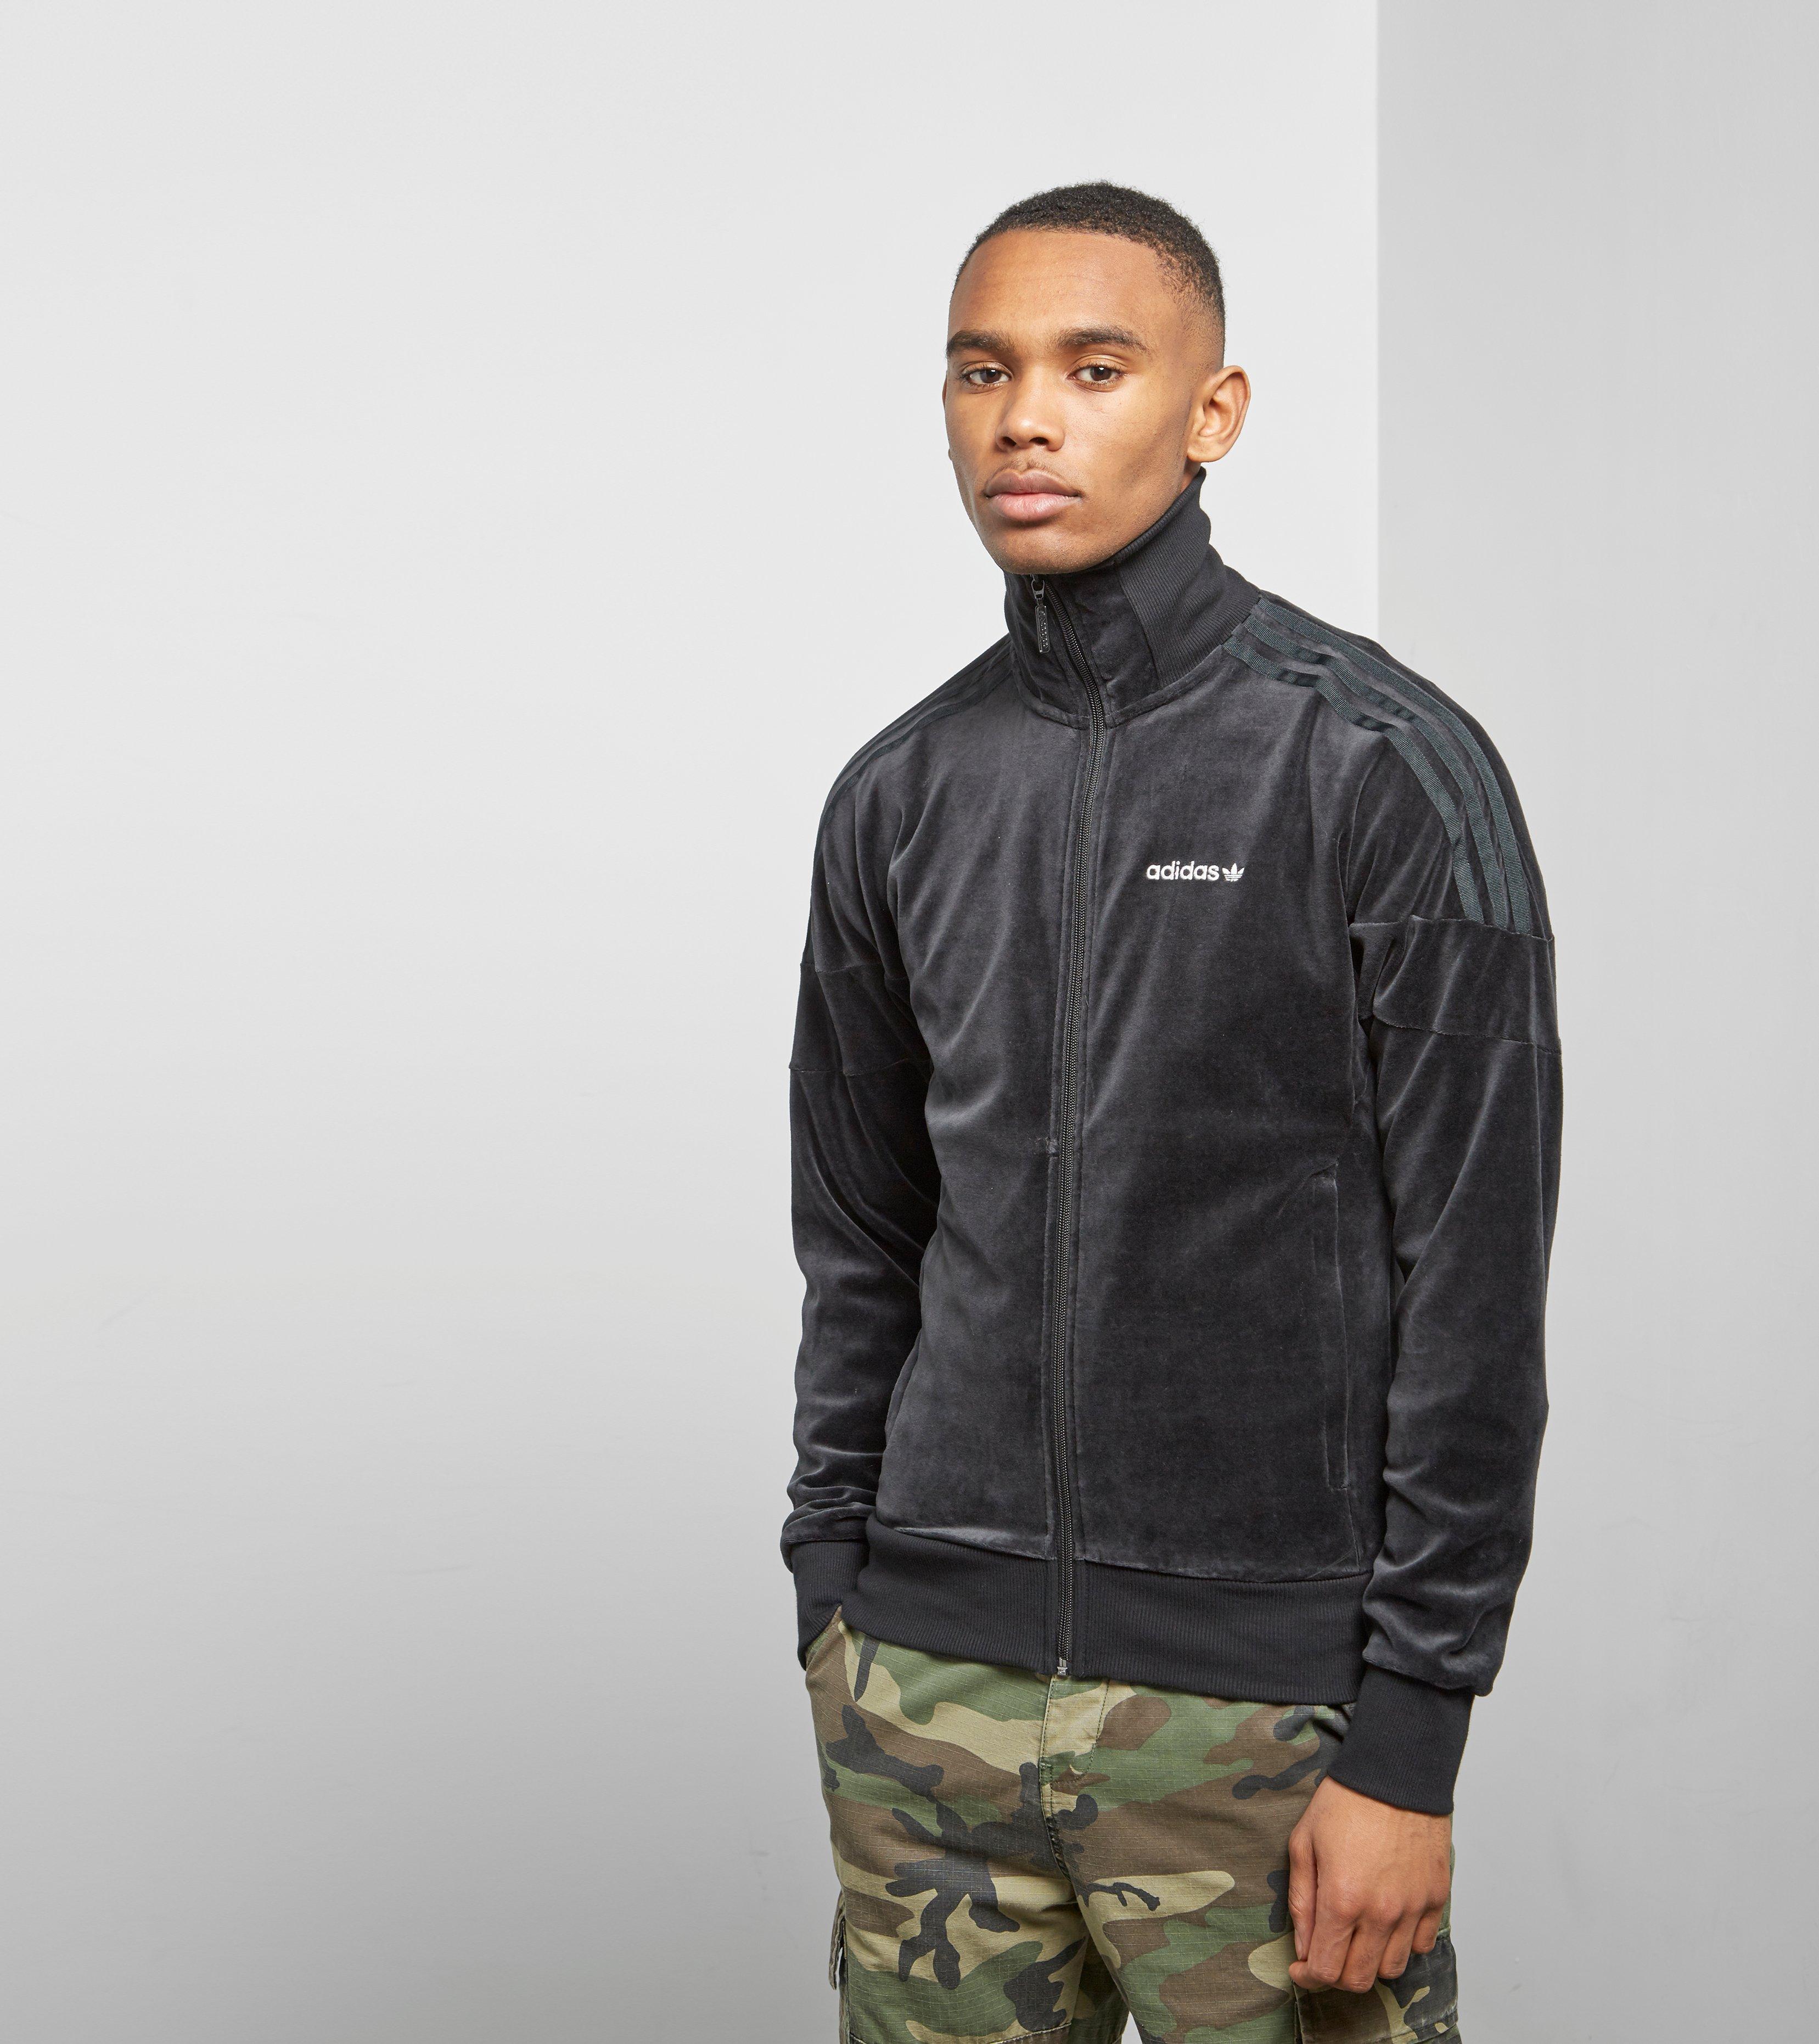 68d653c1d3fb7 Adidas Originals Black Clr84 Velour Track Top for men